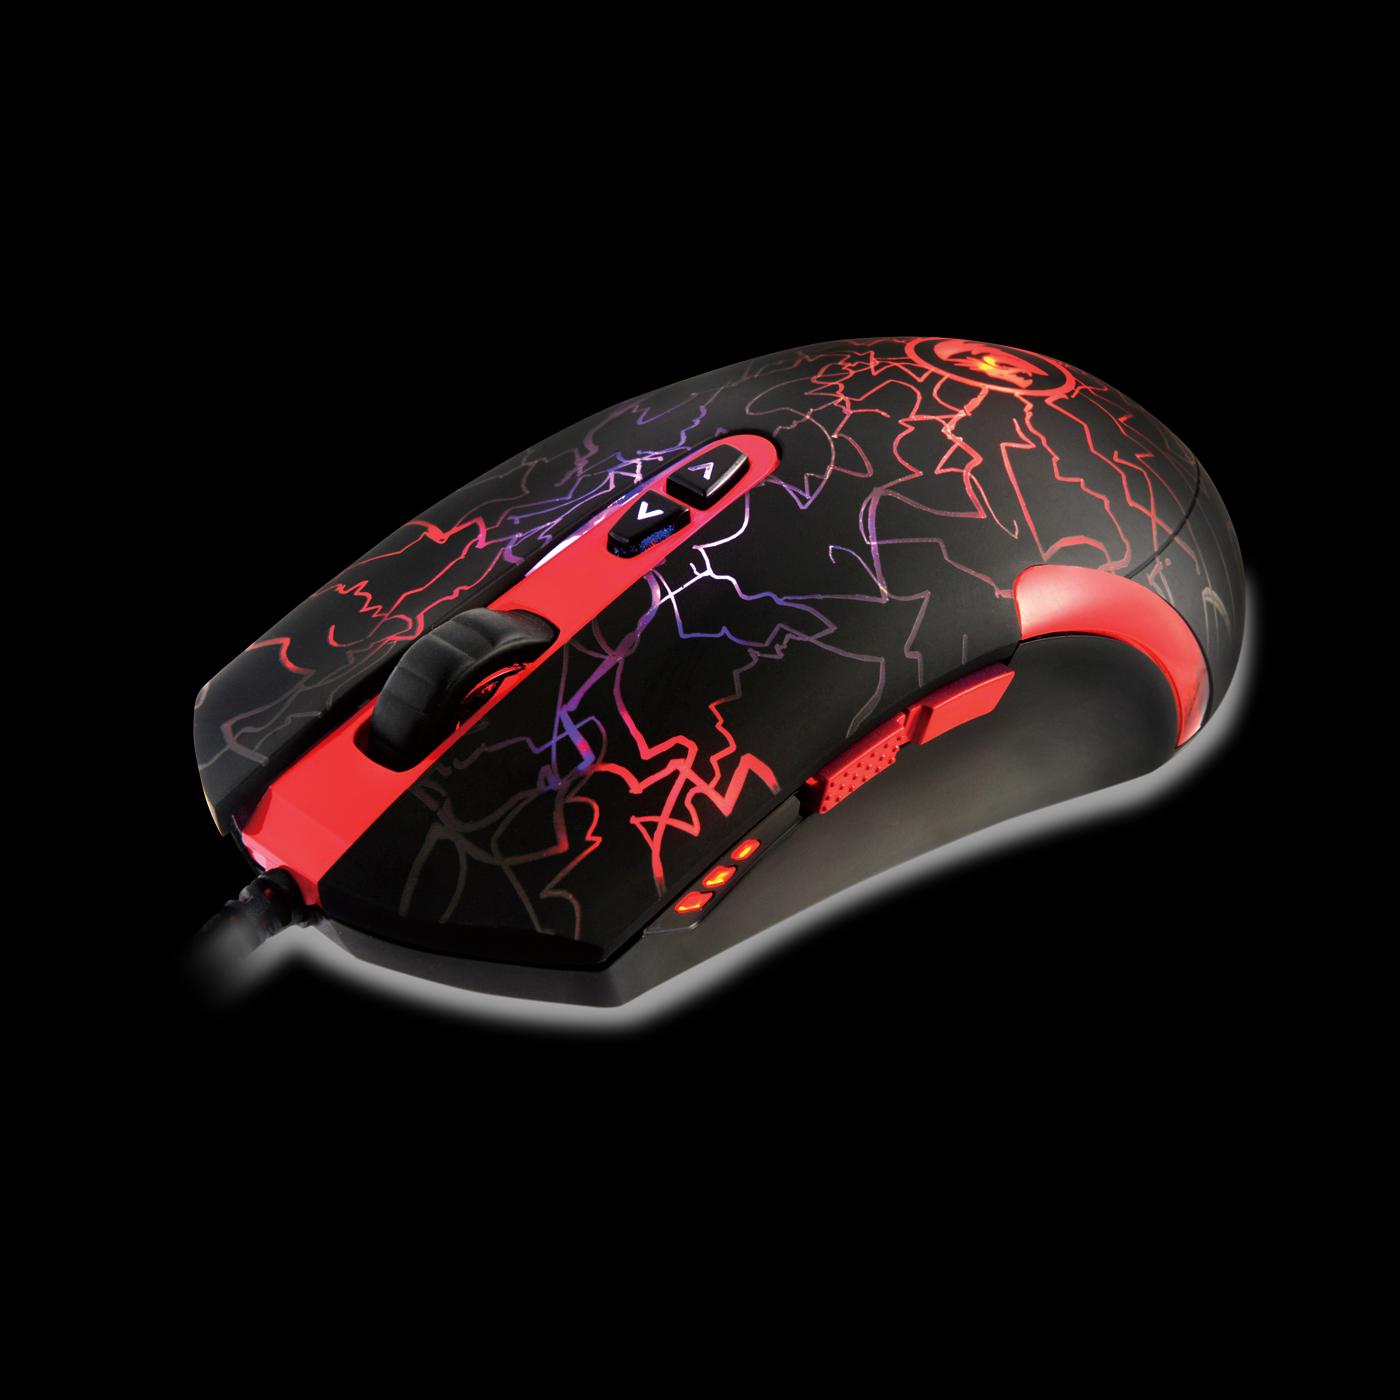 ReDragon - Gaming miš Lavawolf M701